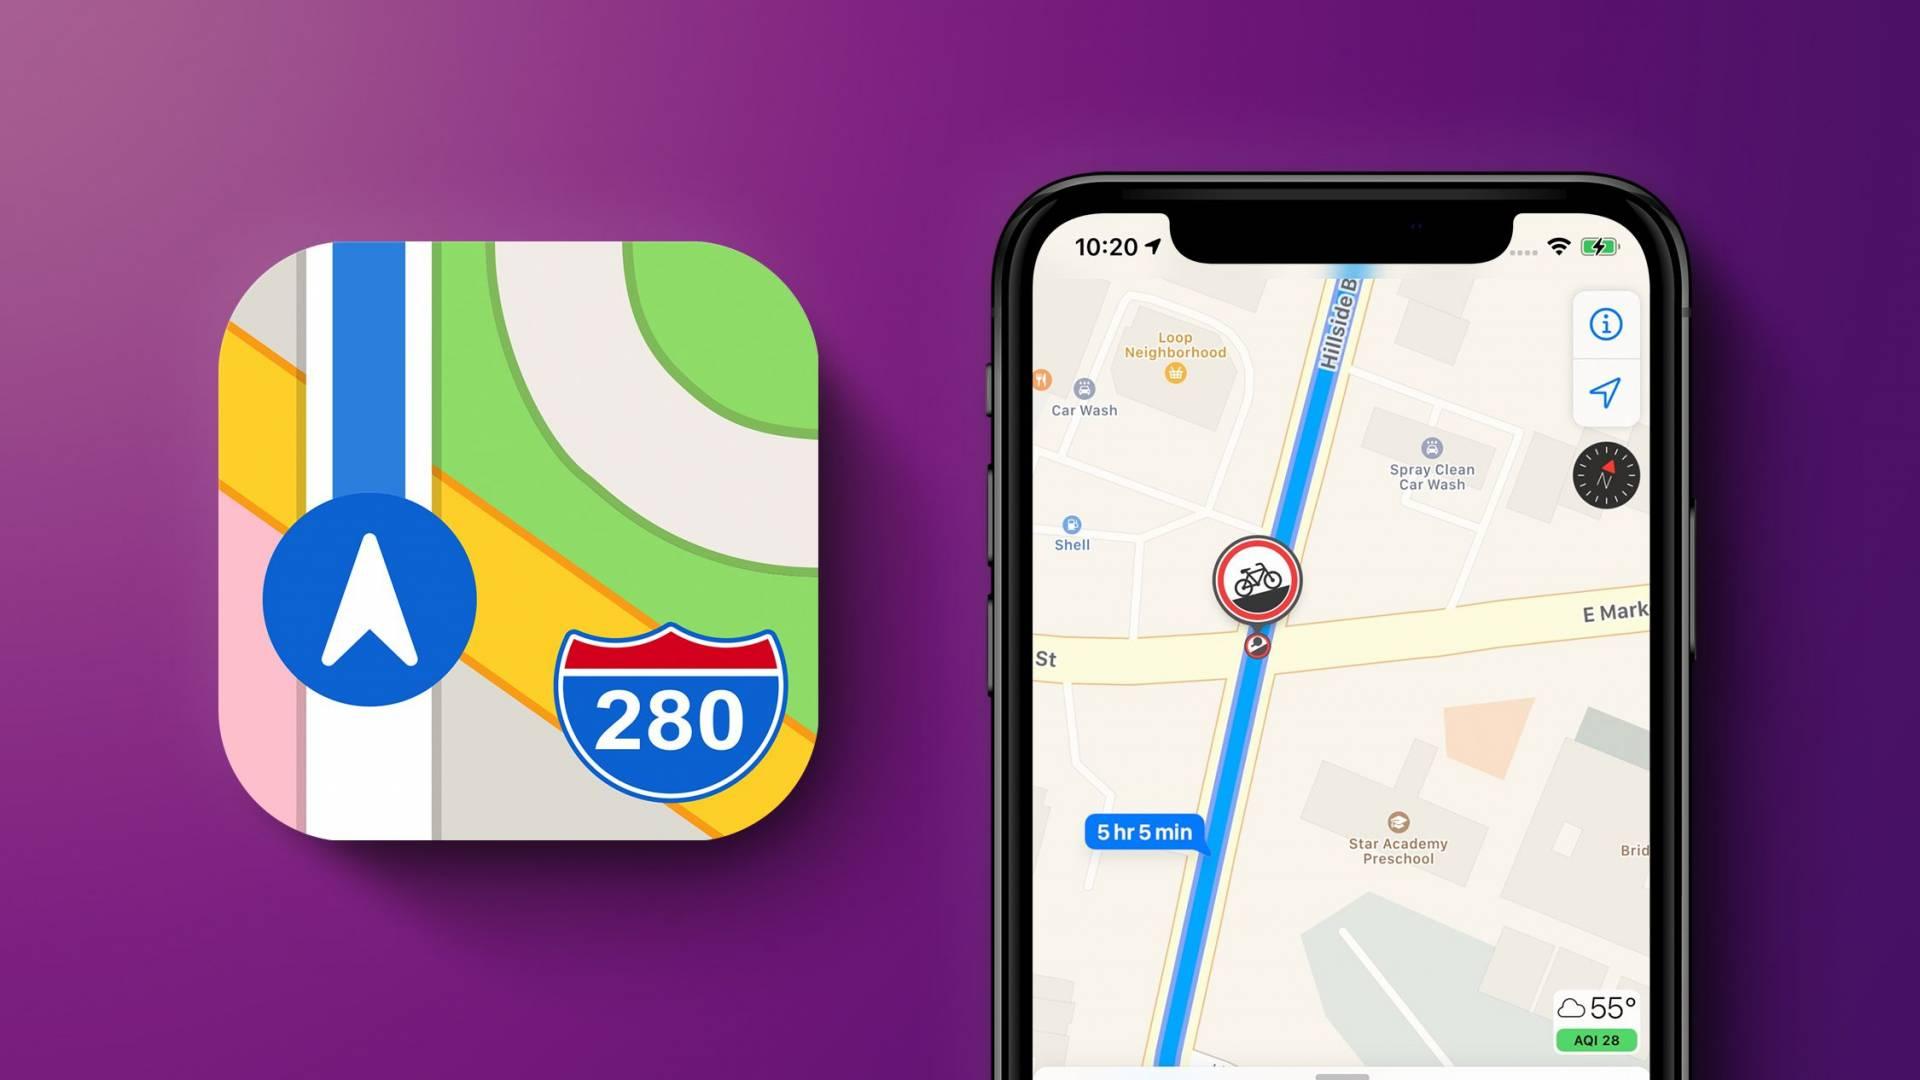 Mapy v iOS 14.5 dostanú zásadné vylepšenie